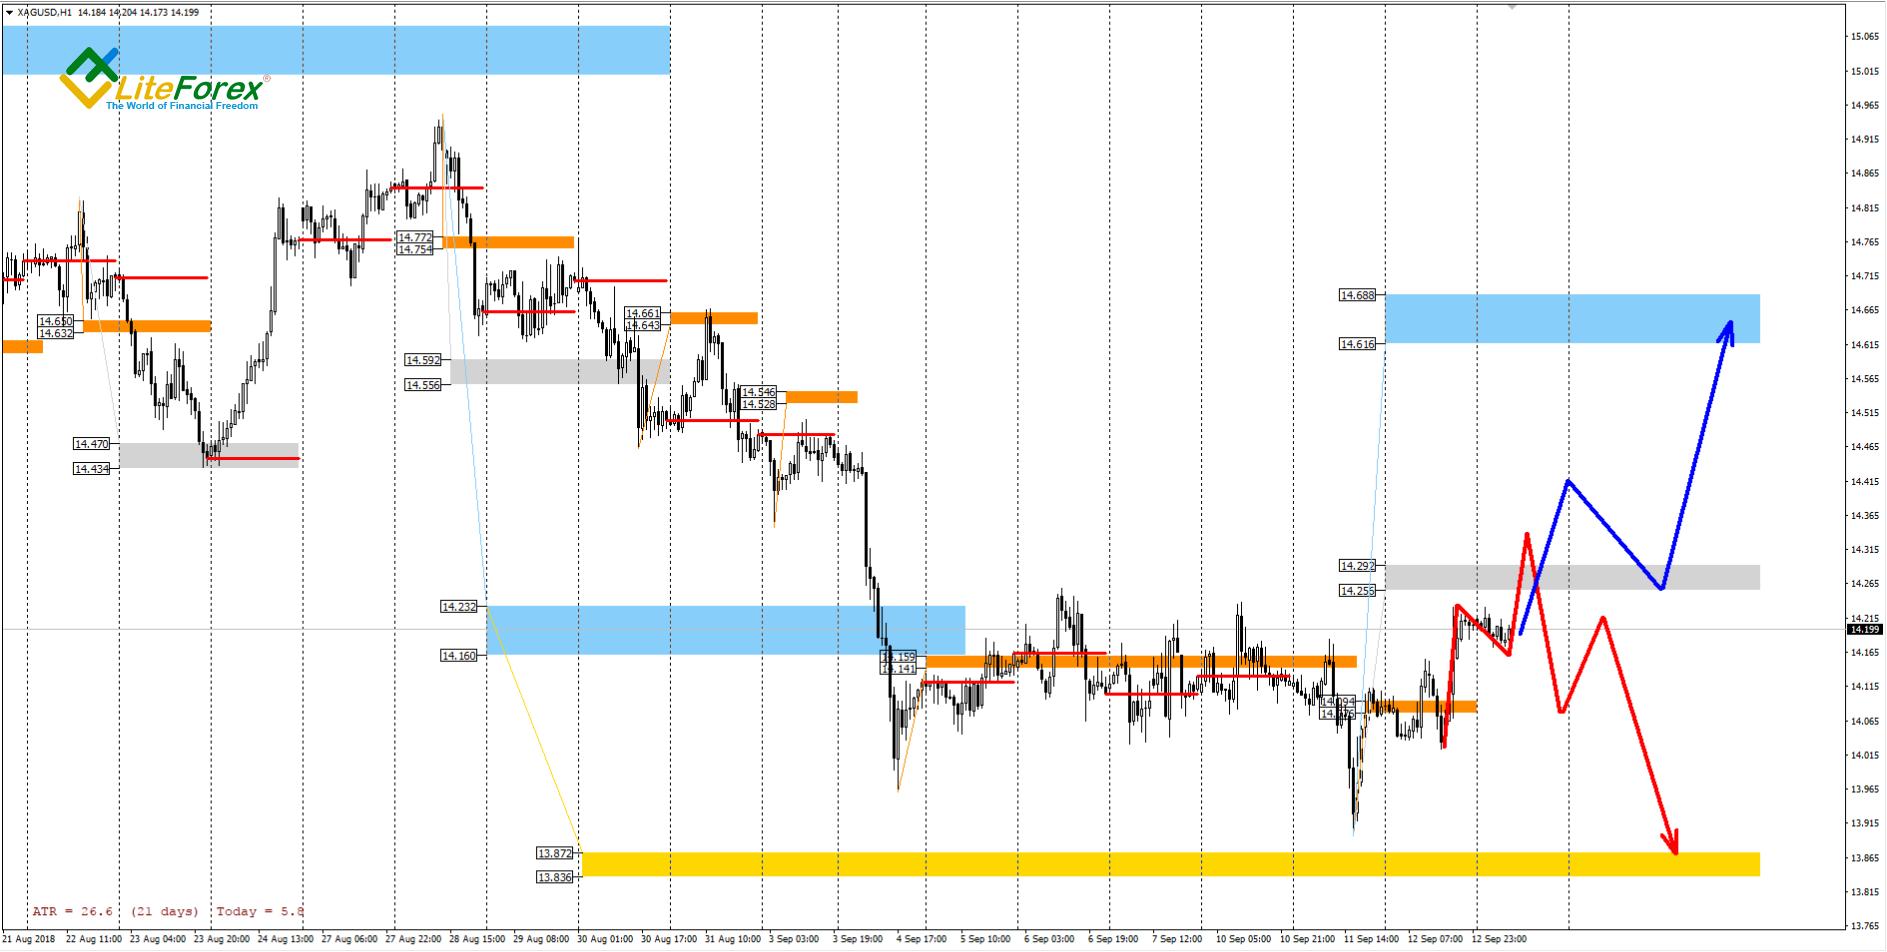 60-Minute XAG/USD